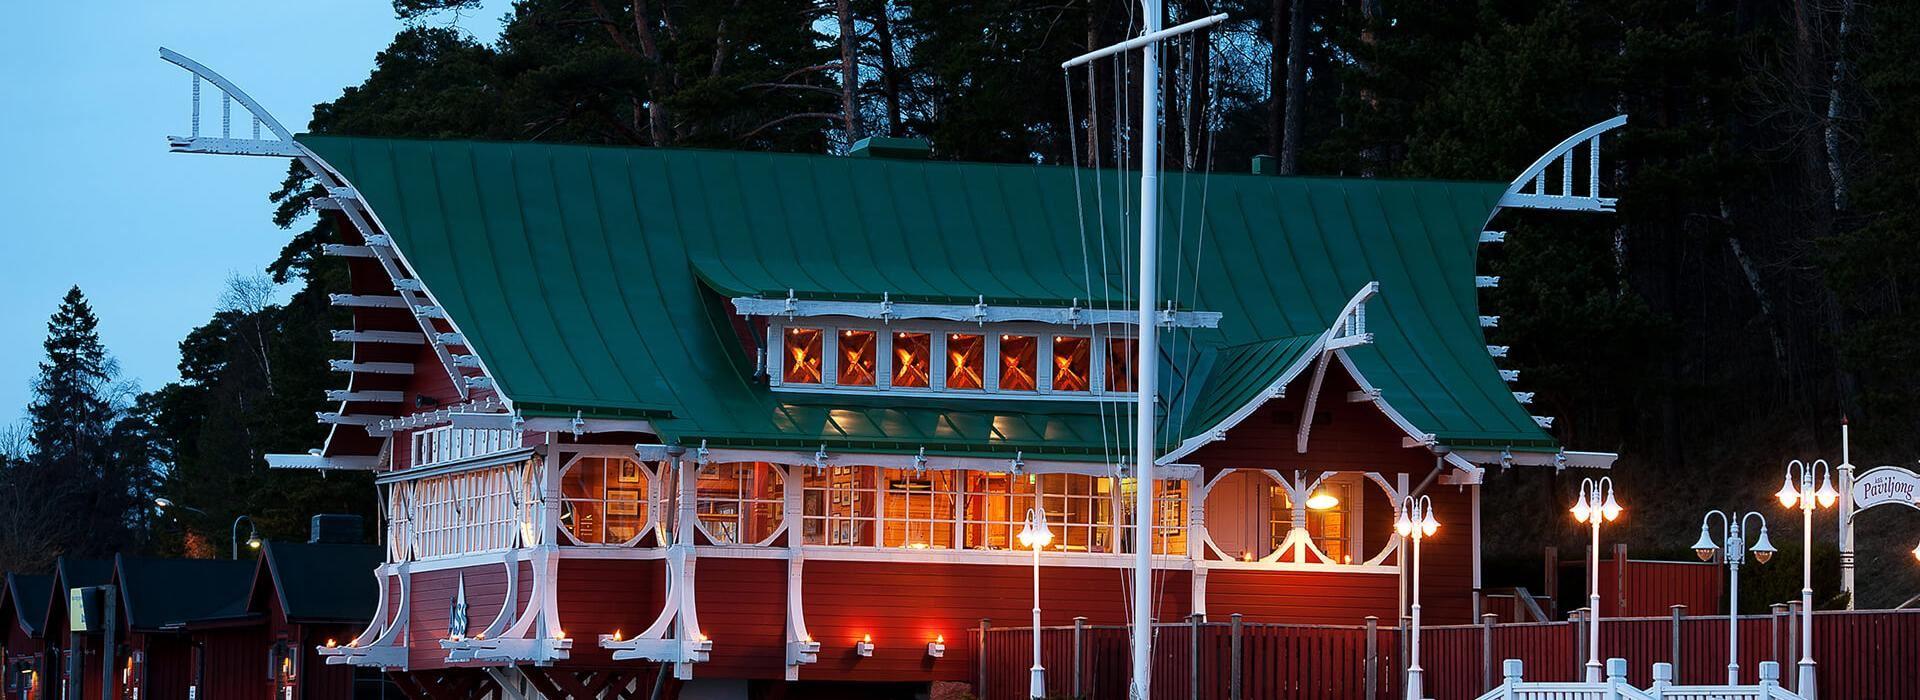 Julbord: ÅSS Paviljongen